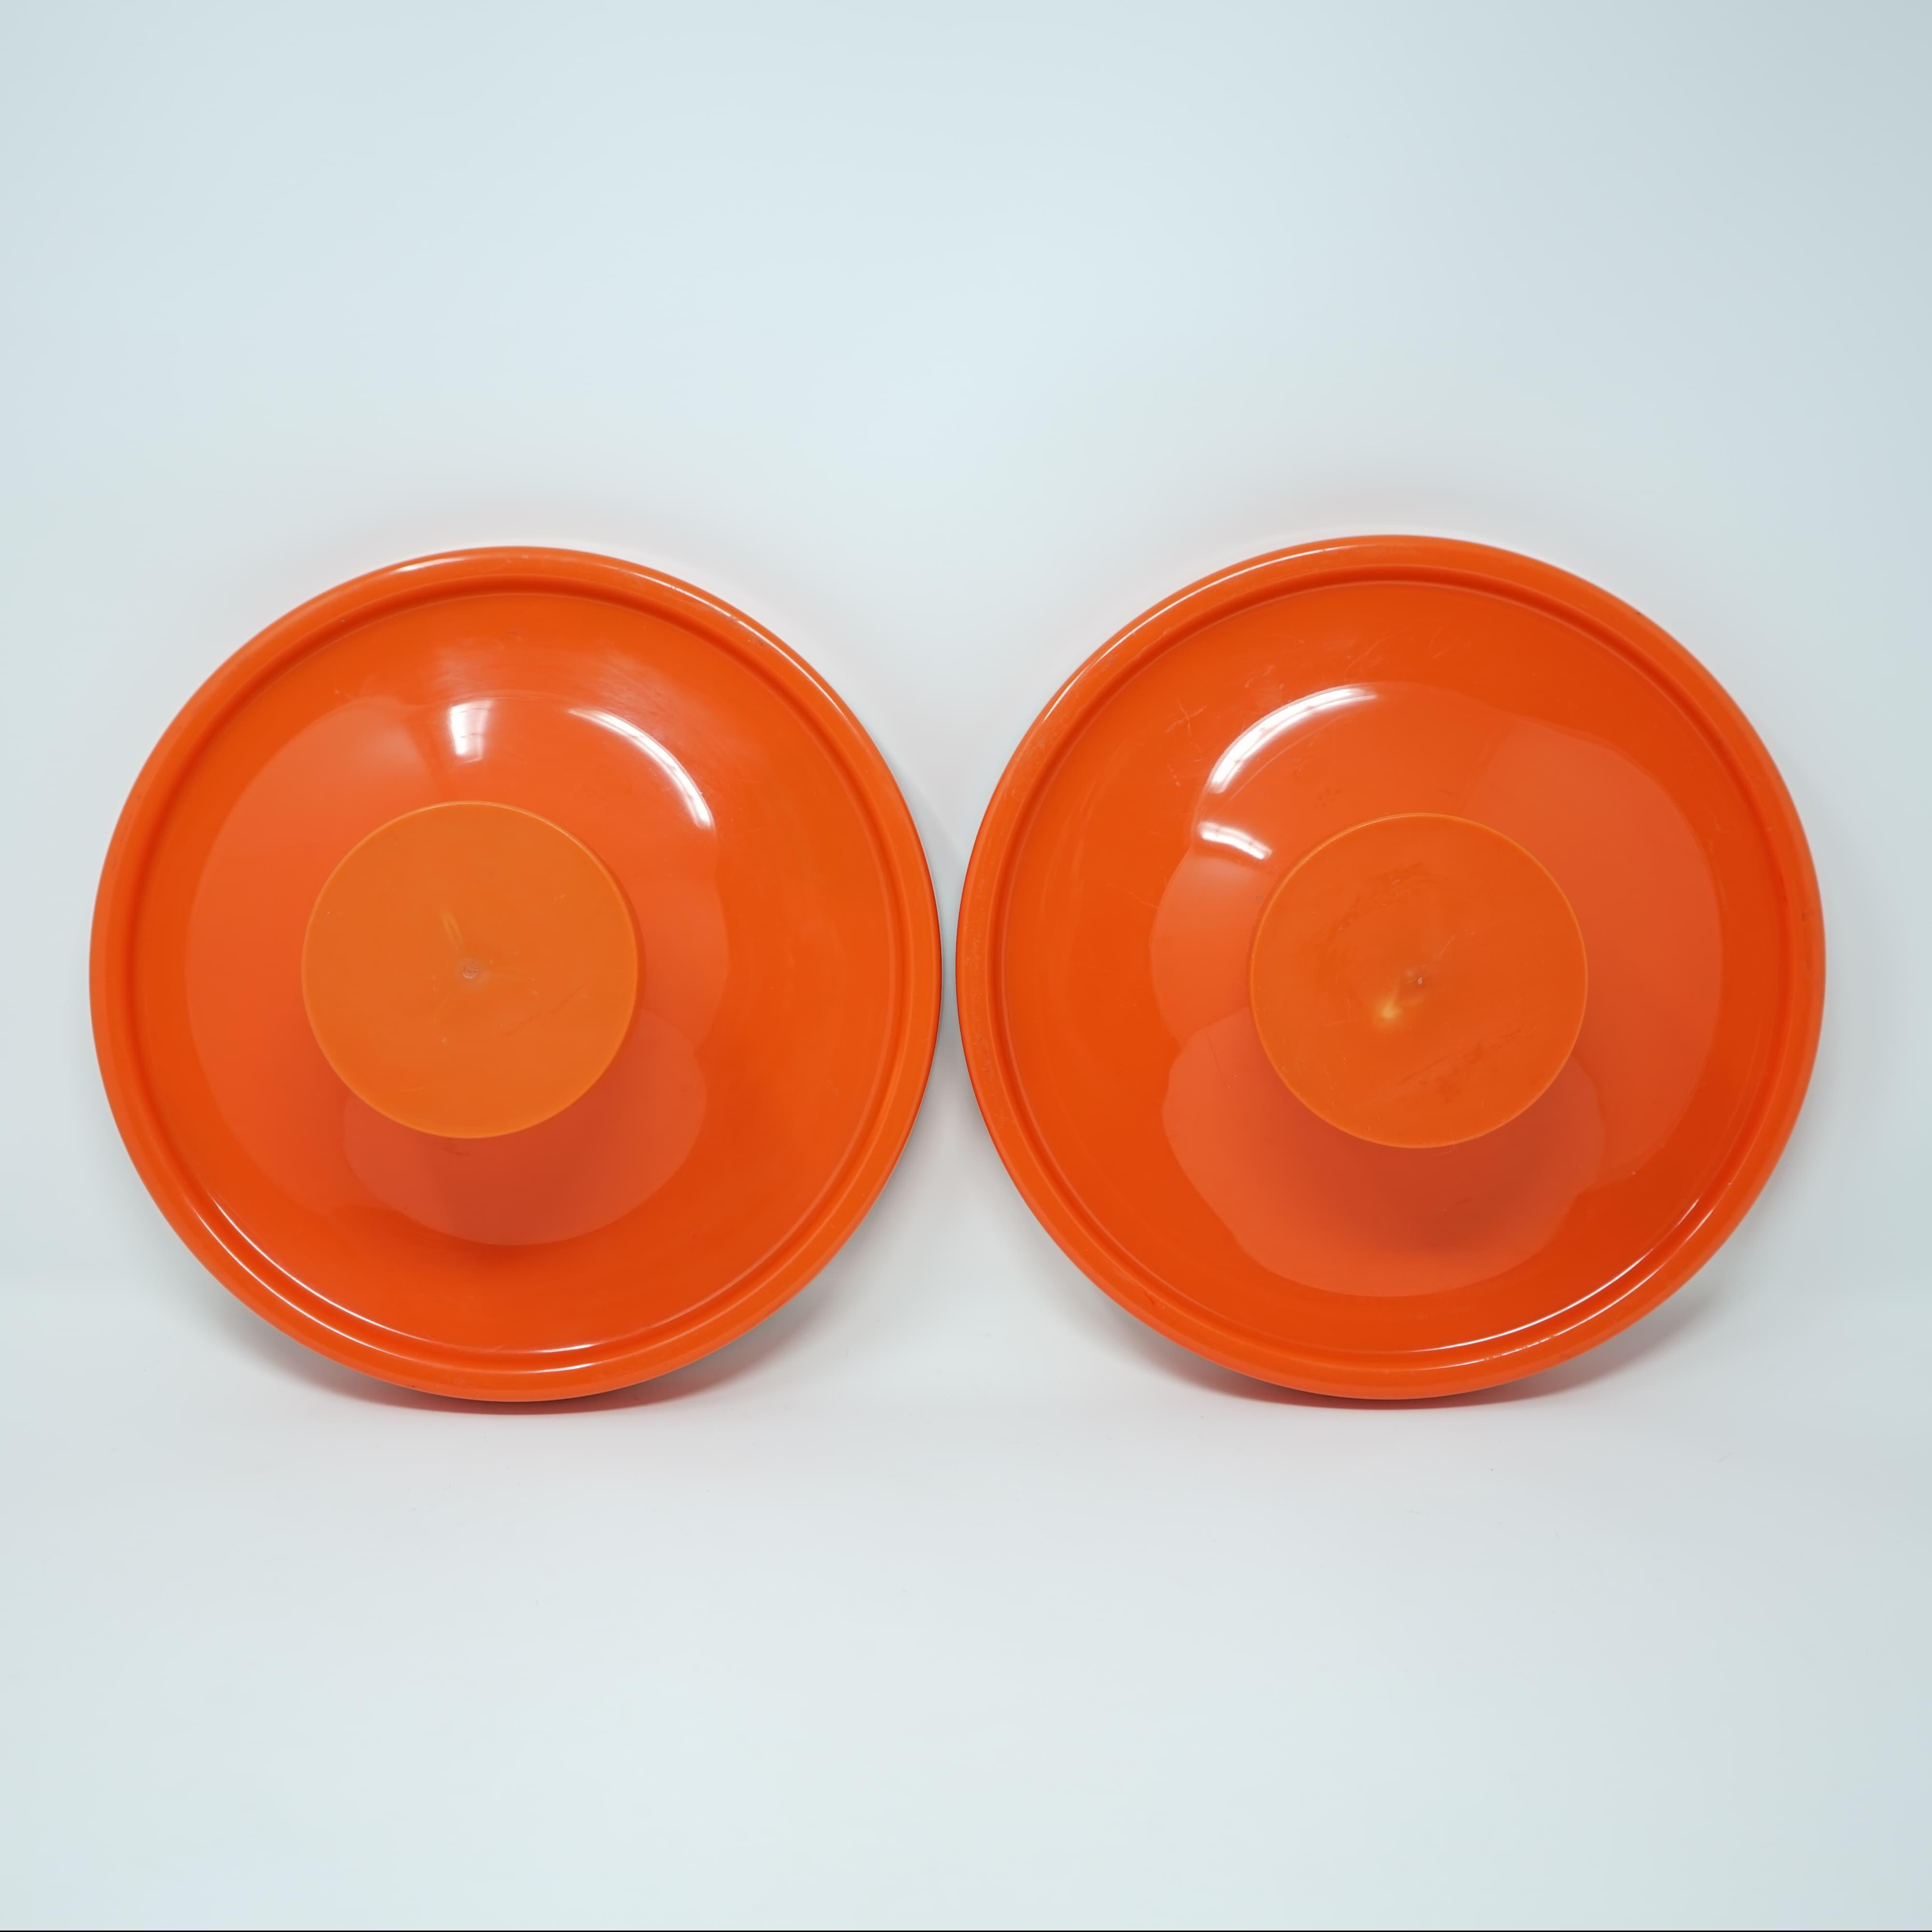 Deux Porte-Manteaux Orange des Années 60